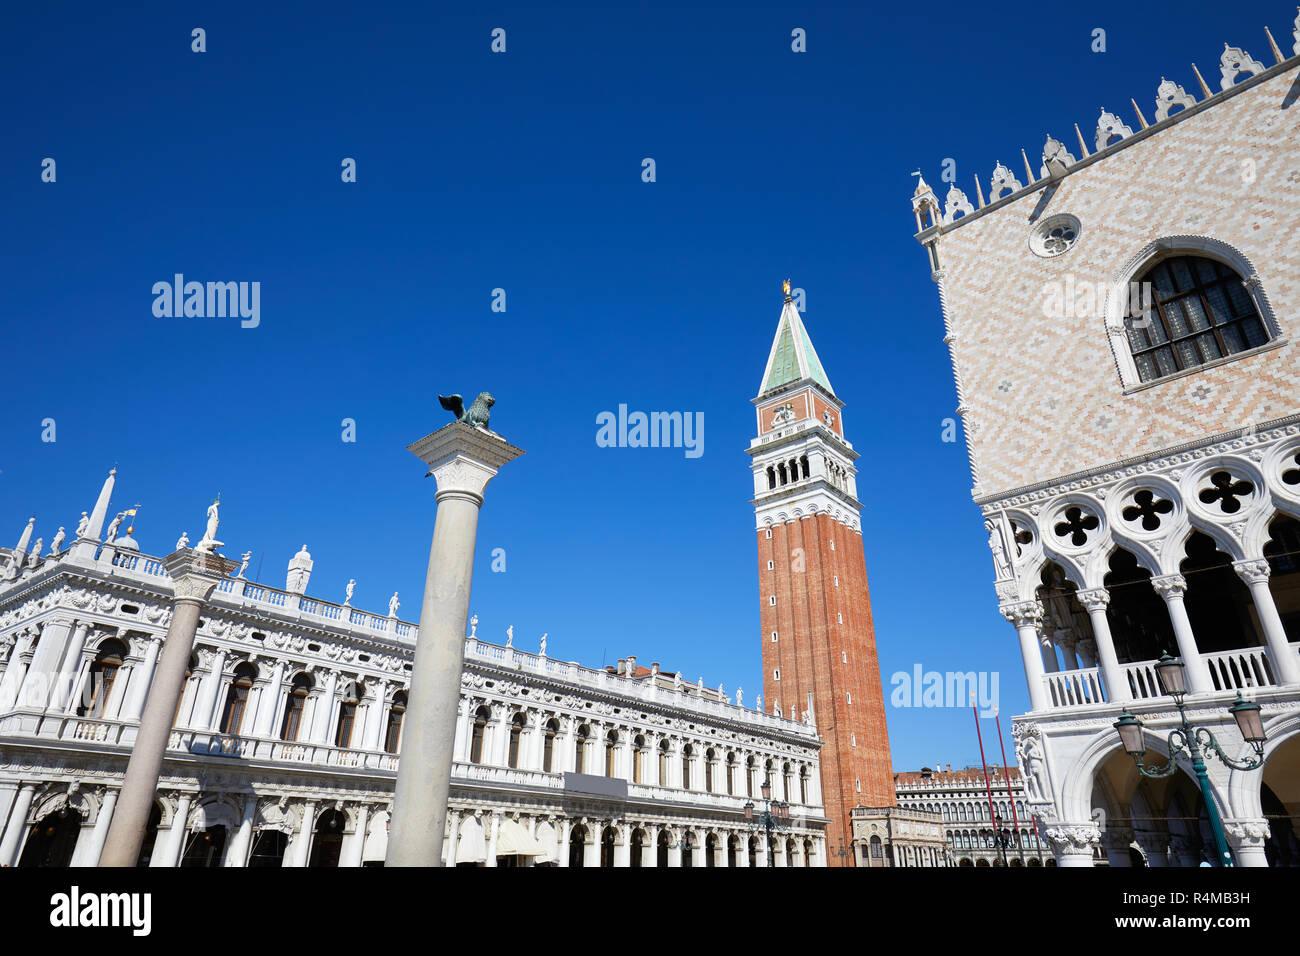 San Marco torre campanaria, Nazionale Biblioteca Marciana e Palazzo Ducale un ampio angolo di visione, cielo blu chiaro a Venezia, Italia Foto Stock